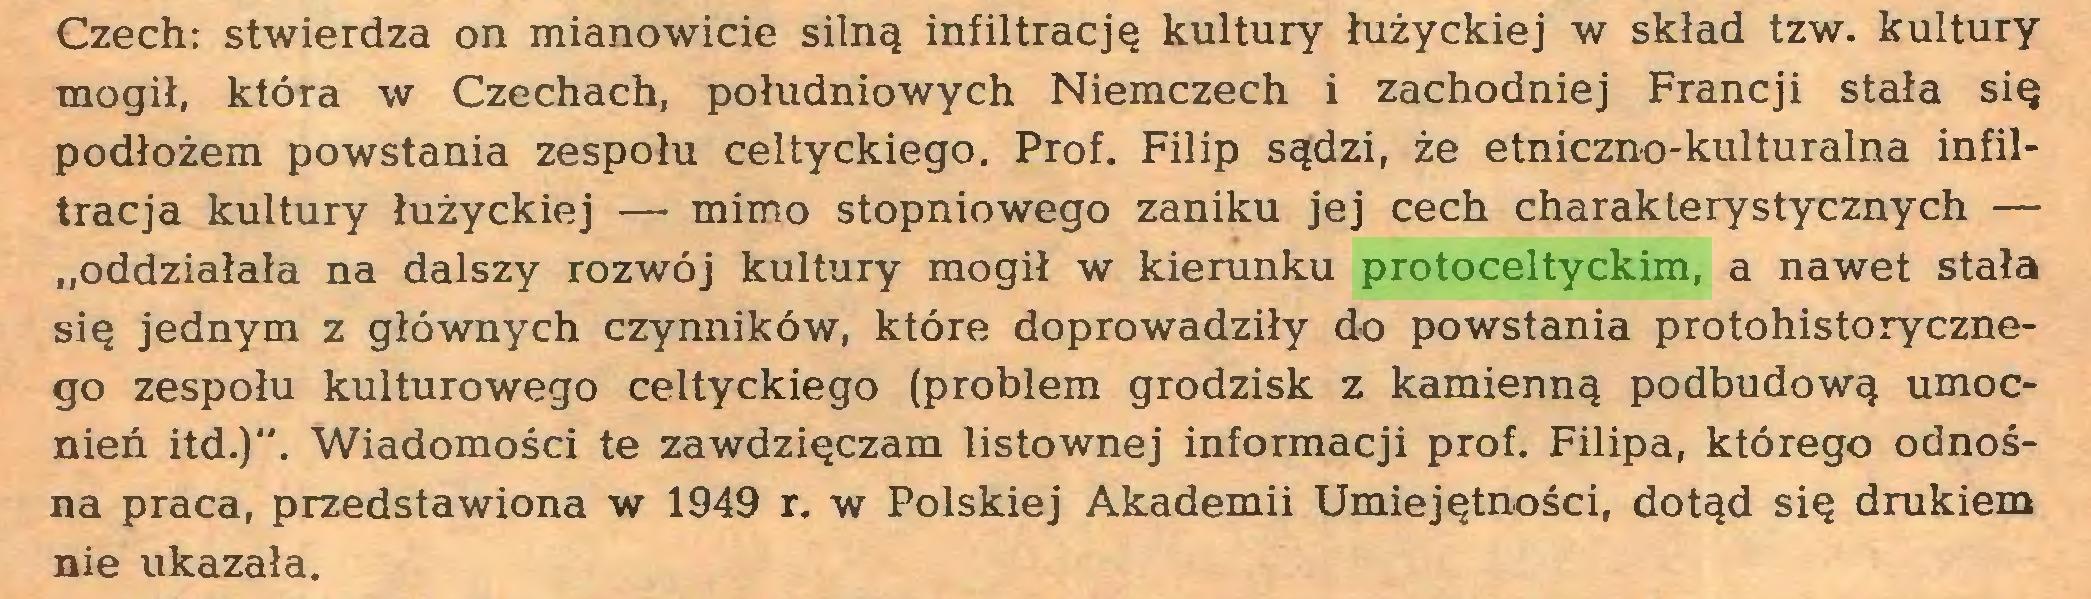 """(...) Czech: stwierdza on mianowicie silną infiltrację kultury łużyckiej w skład tzw. kultury mogił, która w Czechach, południowych Niemczech i zachodniej Francji stała się podłożem powstania zespołu celtyckiego. Prof. Filip sądzi, że etniczno-kulturalna infiltracja kultury łużyckiej — mimo stopniowego zaniku jej cech charakterystycznych — """"oddziałała na dalszy rozwój kultury mogił w kierunku protoceltyckim, a nawet stała się jednym z głównych czynników, które doprowadziły do powstania protohistorycznego zespołu kulturowego celtyckiego (problem grodzisk z kamienną podbudową umocnień itd.)"""". Wiadomości te zawdzięczam listownej informacji prof. Filipa, którego odnośna praca, przedstawiona w 1949 r. w Polskiej Akademii Umiejętności, dotąd się drukiem nie ukazała..."""